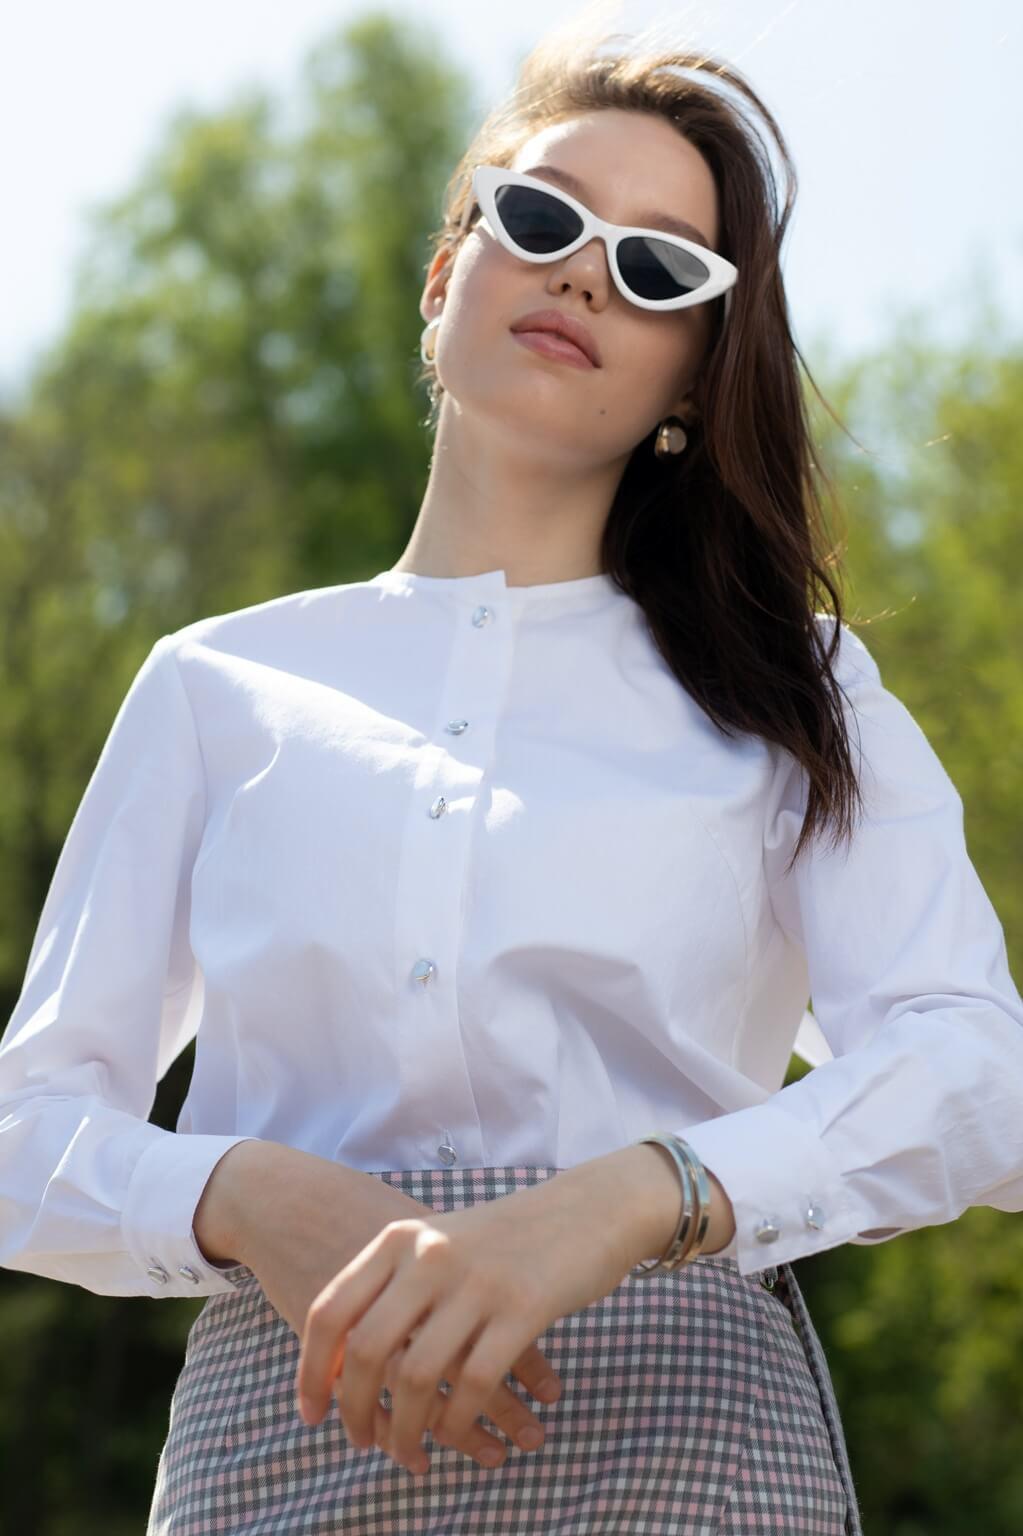 Рубашка с бантиком на спине